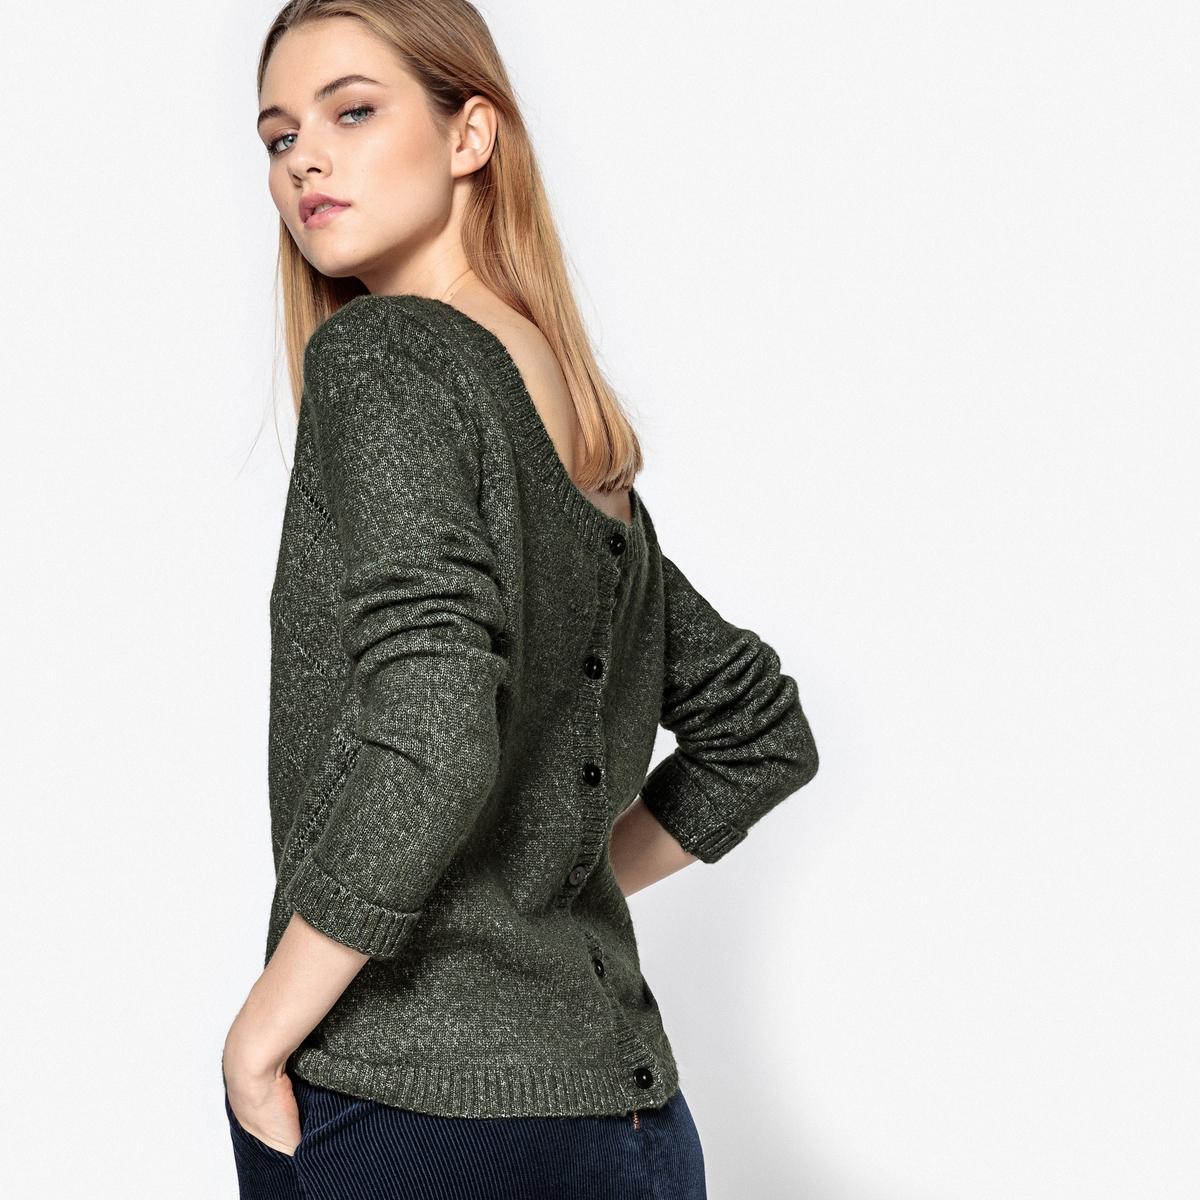 Пуловер ажурный с застежкой на пуговицы сзади